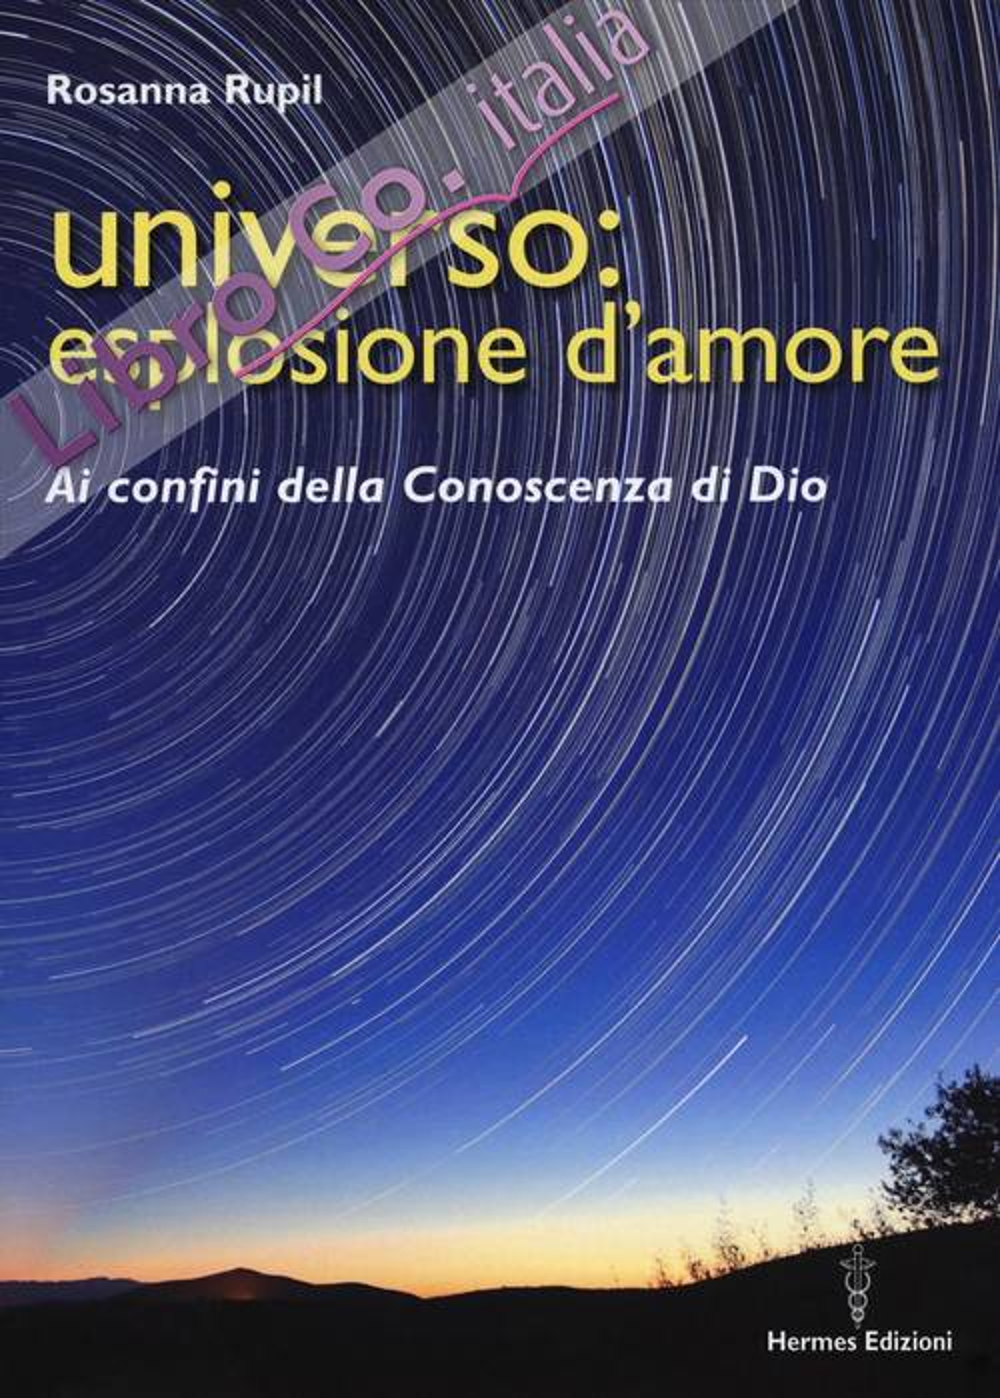 Universo: esplosione d'amore. Ai confini della conoscenza di Dio